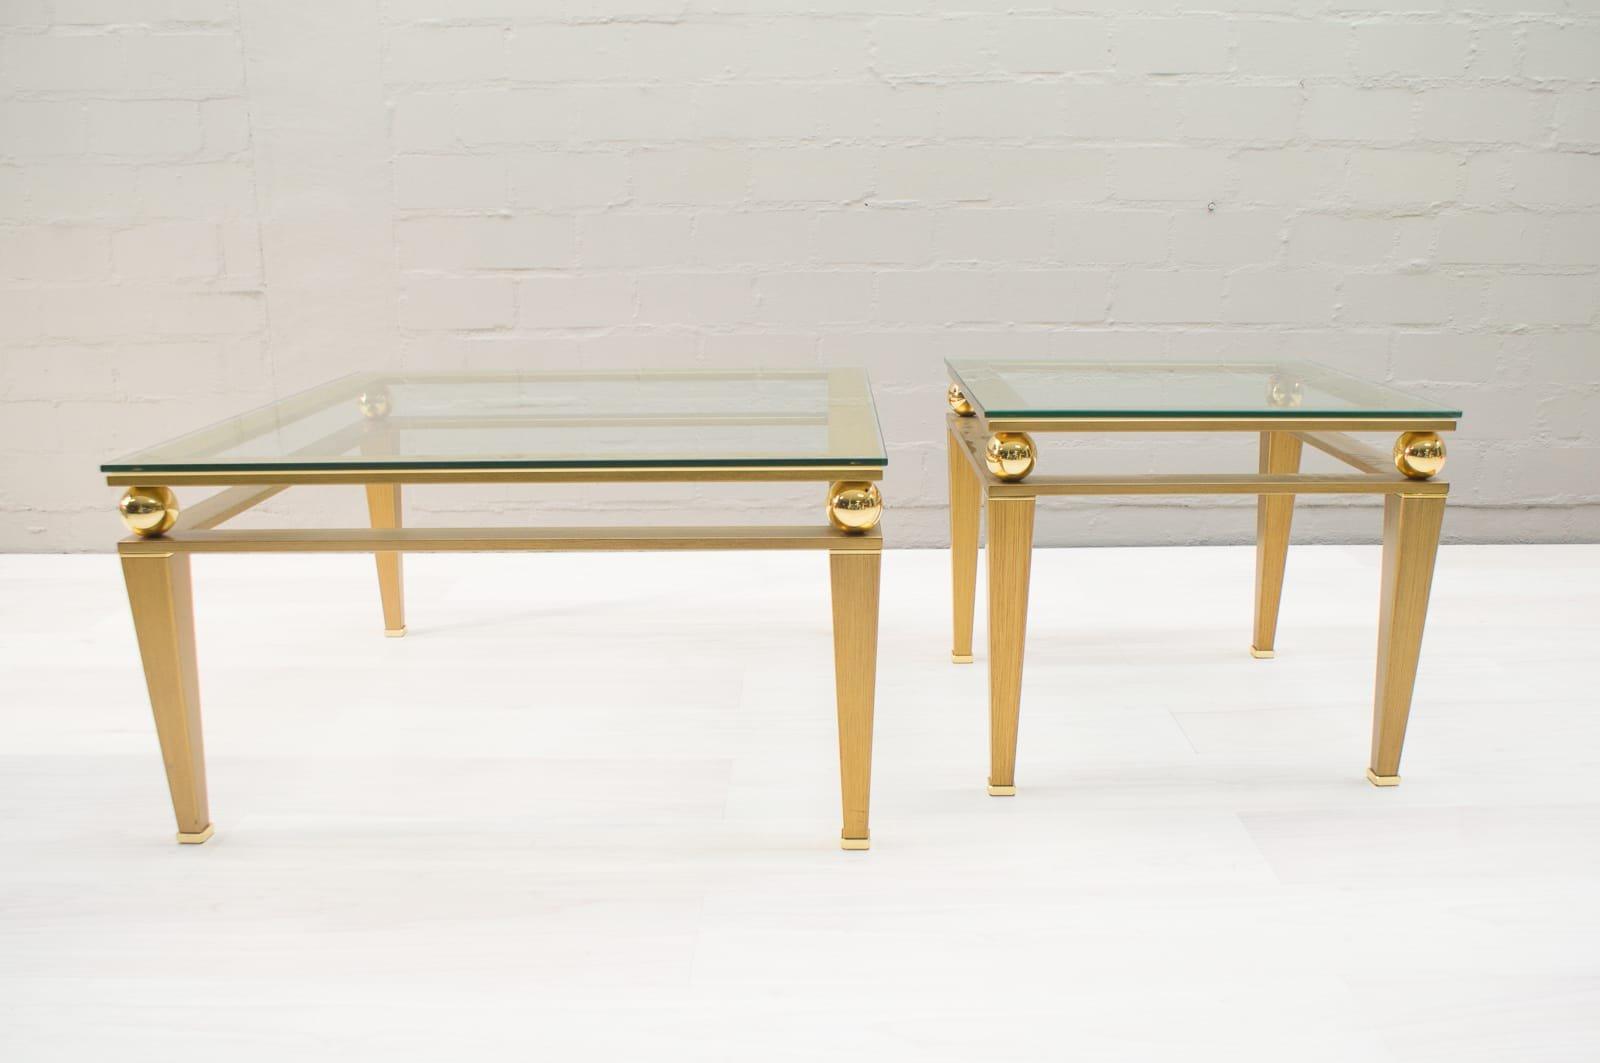 hollywood regency couchtisch aus vergoldetem messing. Black Bedroom Furniture Sets. Home Design Ideas